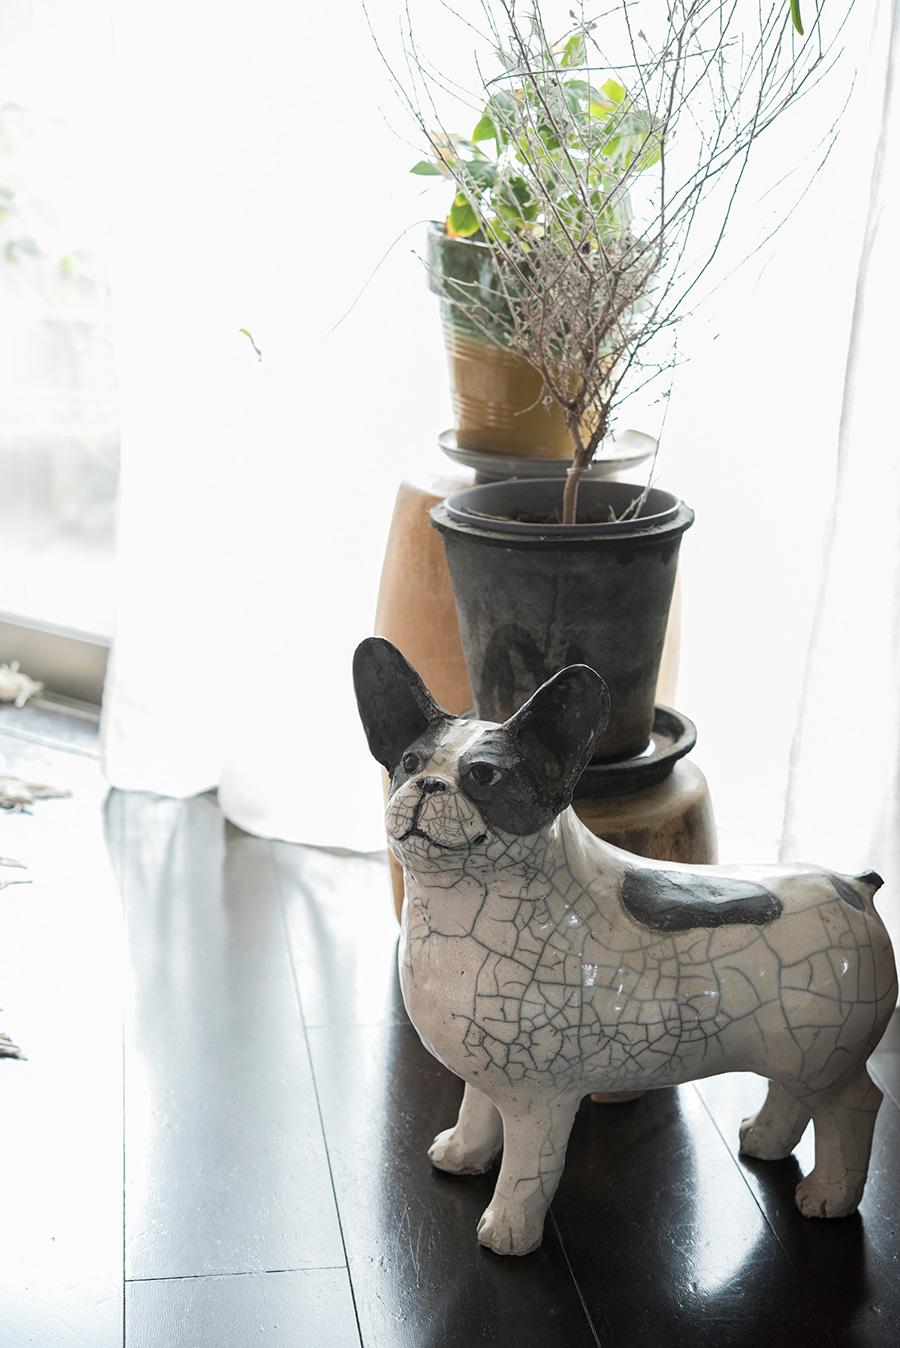 陶器製のフレンチブルドッグはH.P.DECOで売っていた作家もの。木でできた花台、リネンのカーテンがやさしい雰囲気。